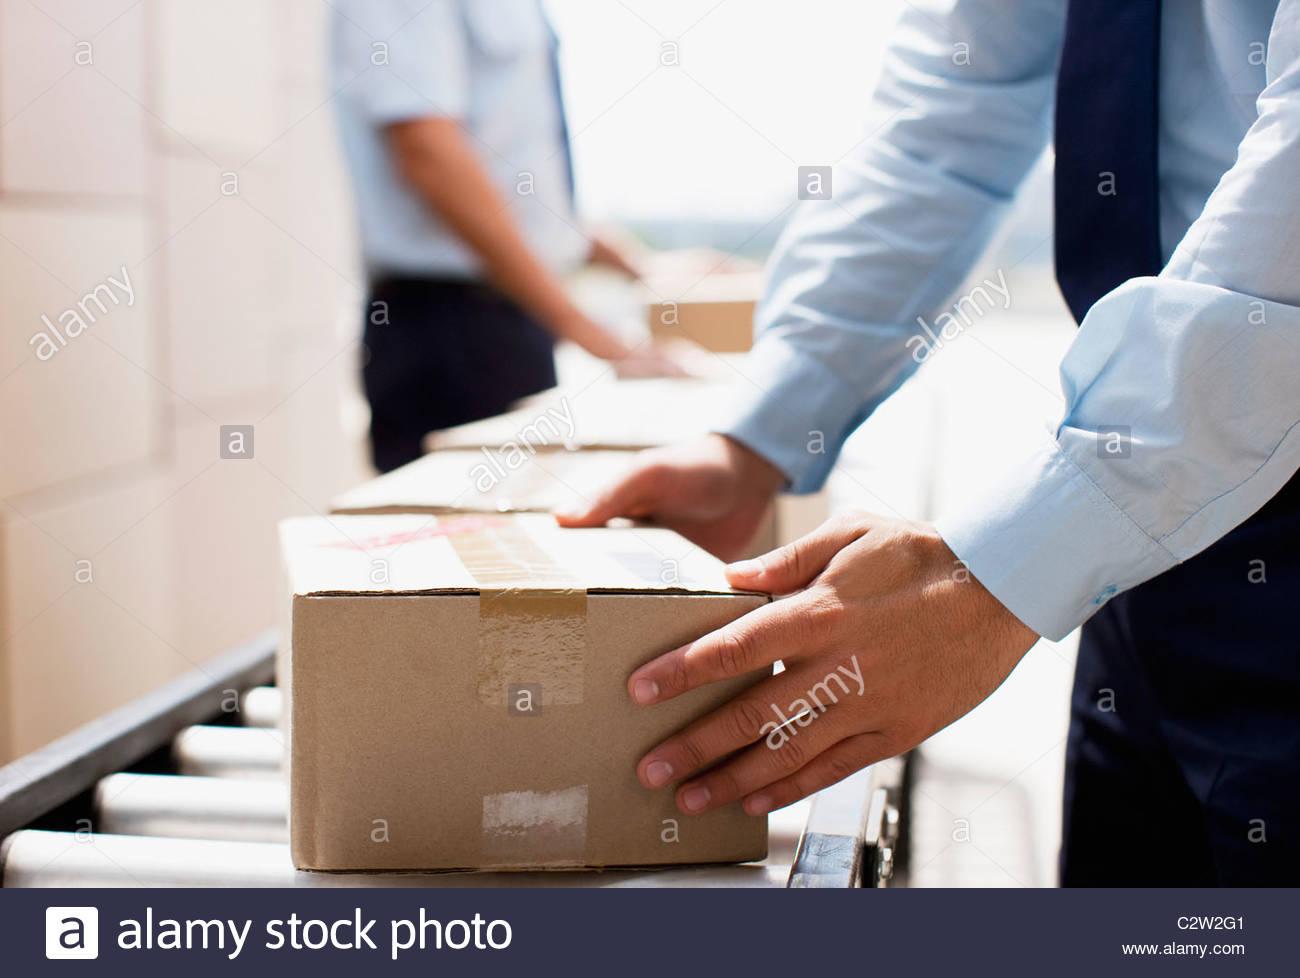 Lavoratore prendendo scatola dal nastro trasportatore nella zona di spedizione Immagini Stock